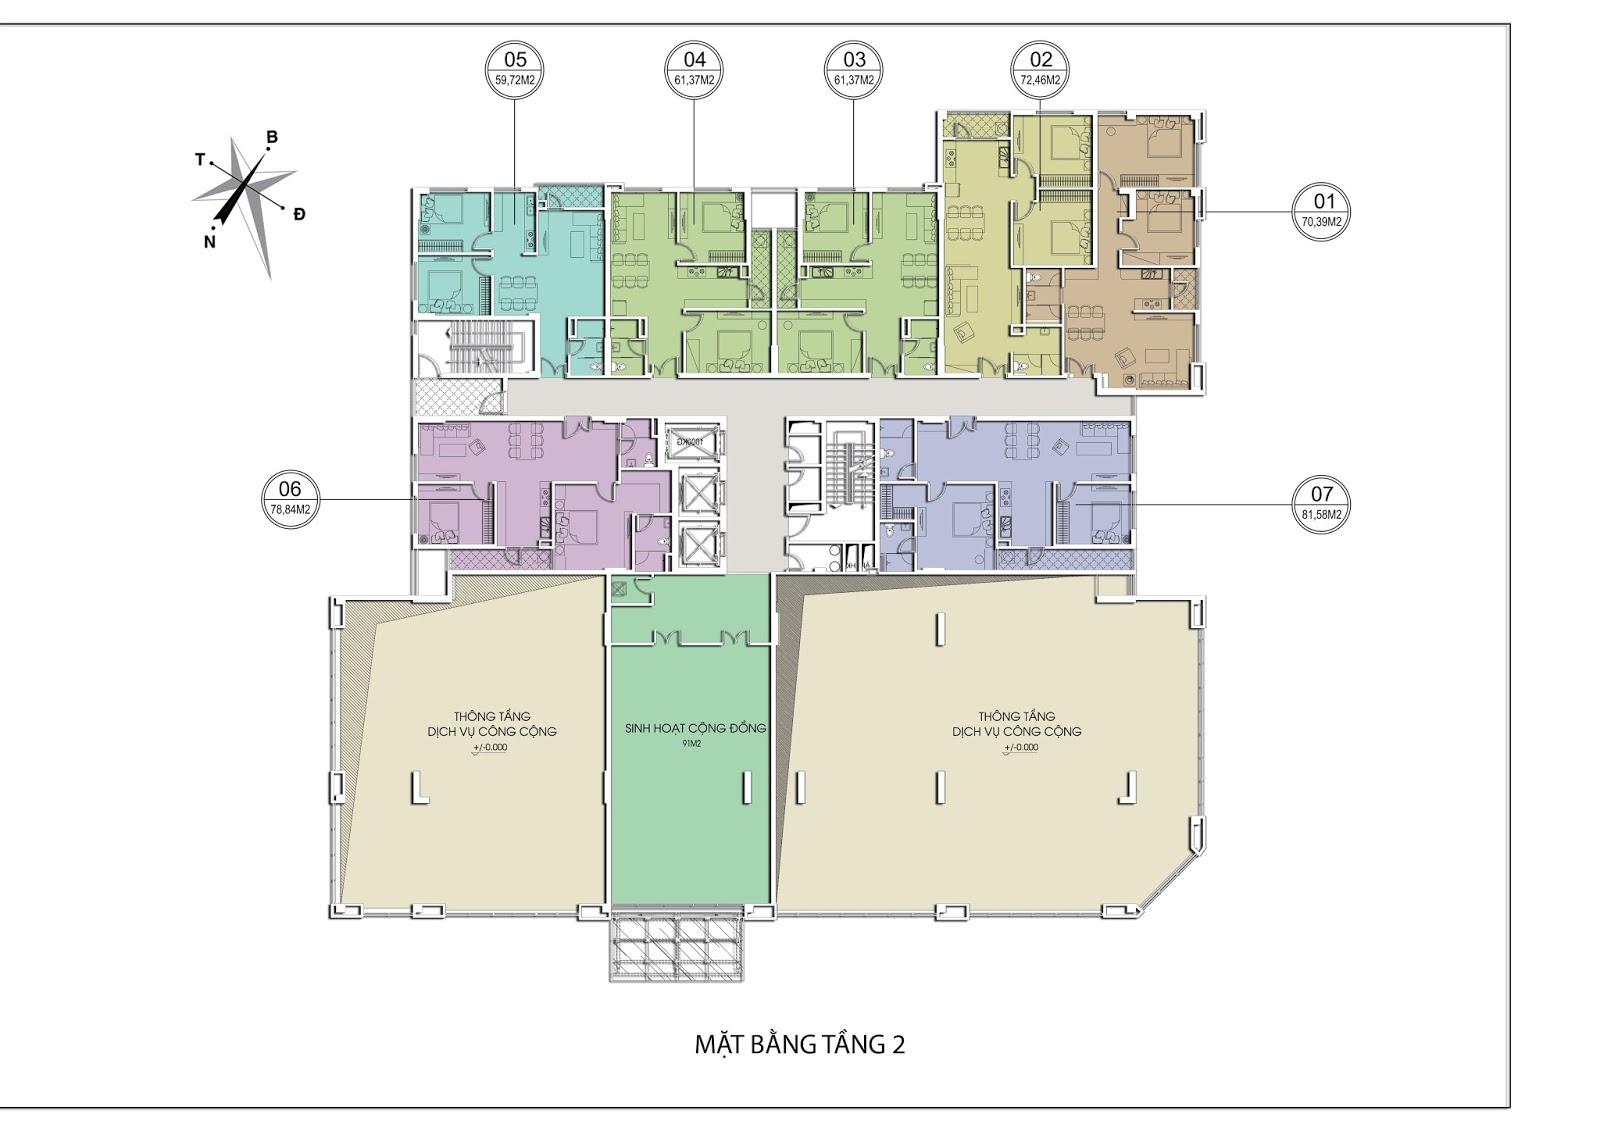 Thiết kế mặt bằng tầng 2 Chung cư Valencia Garden Long Biên